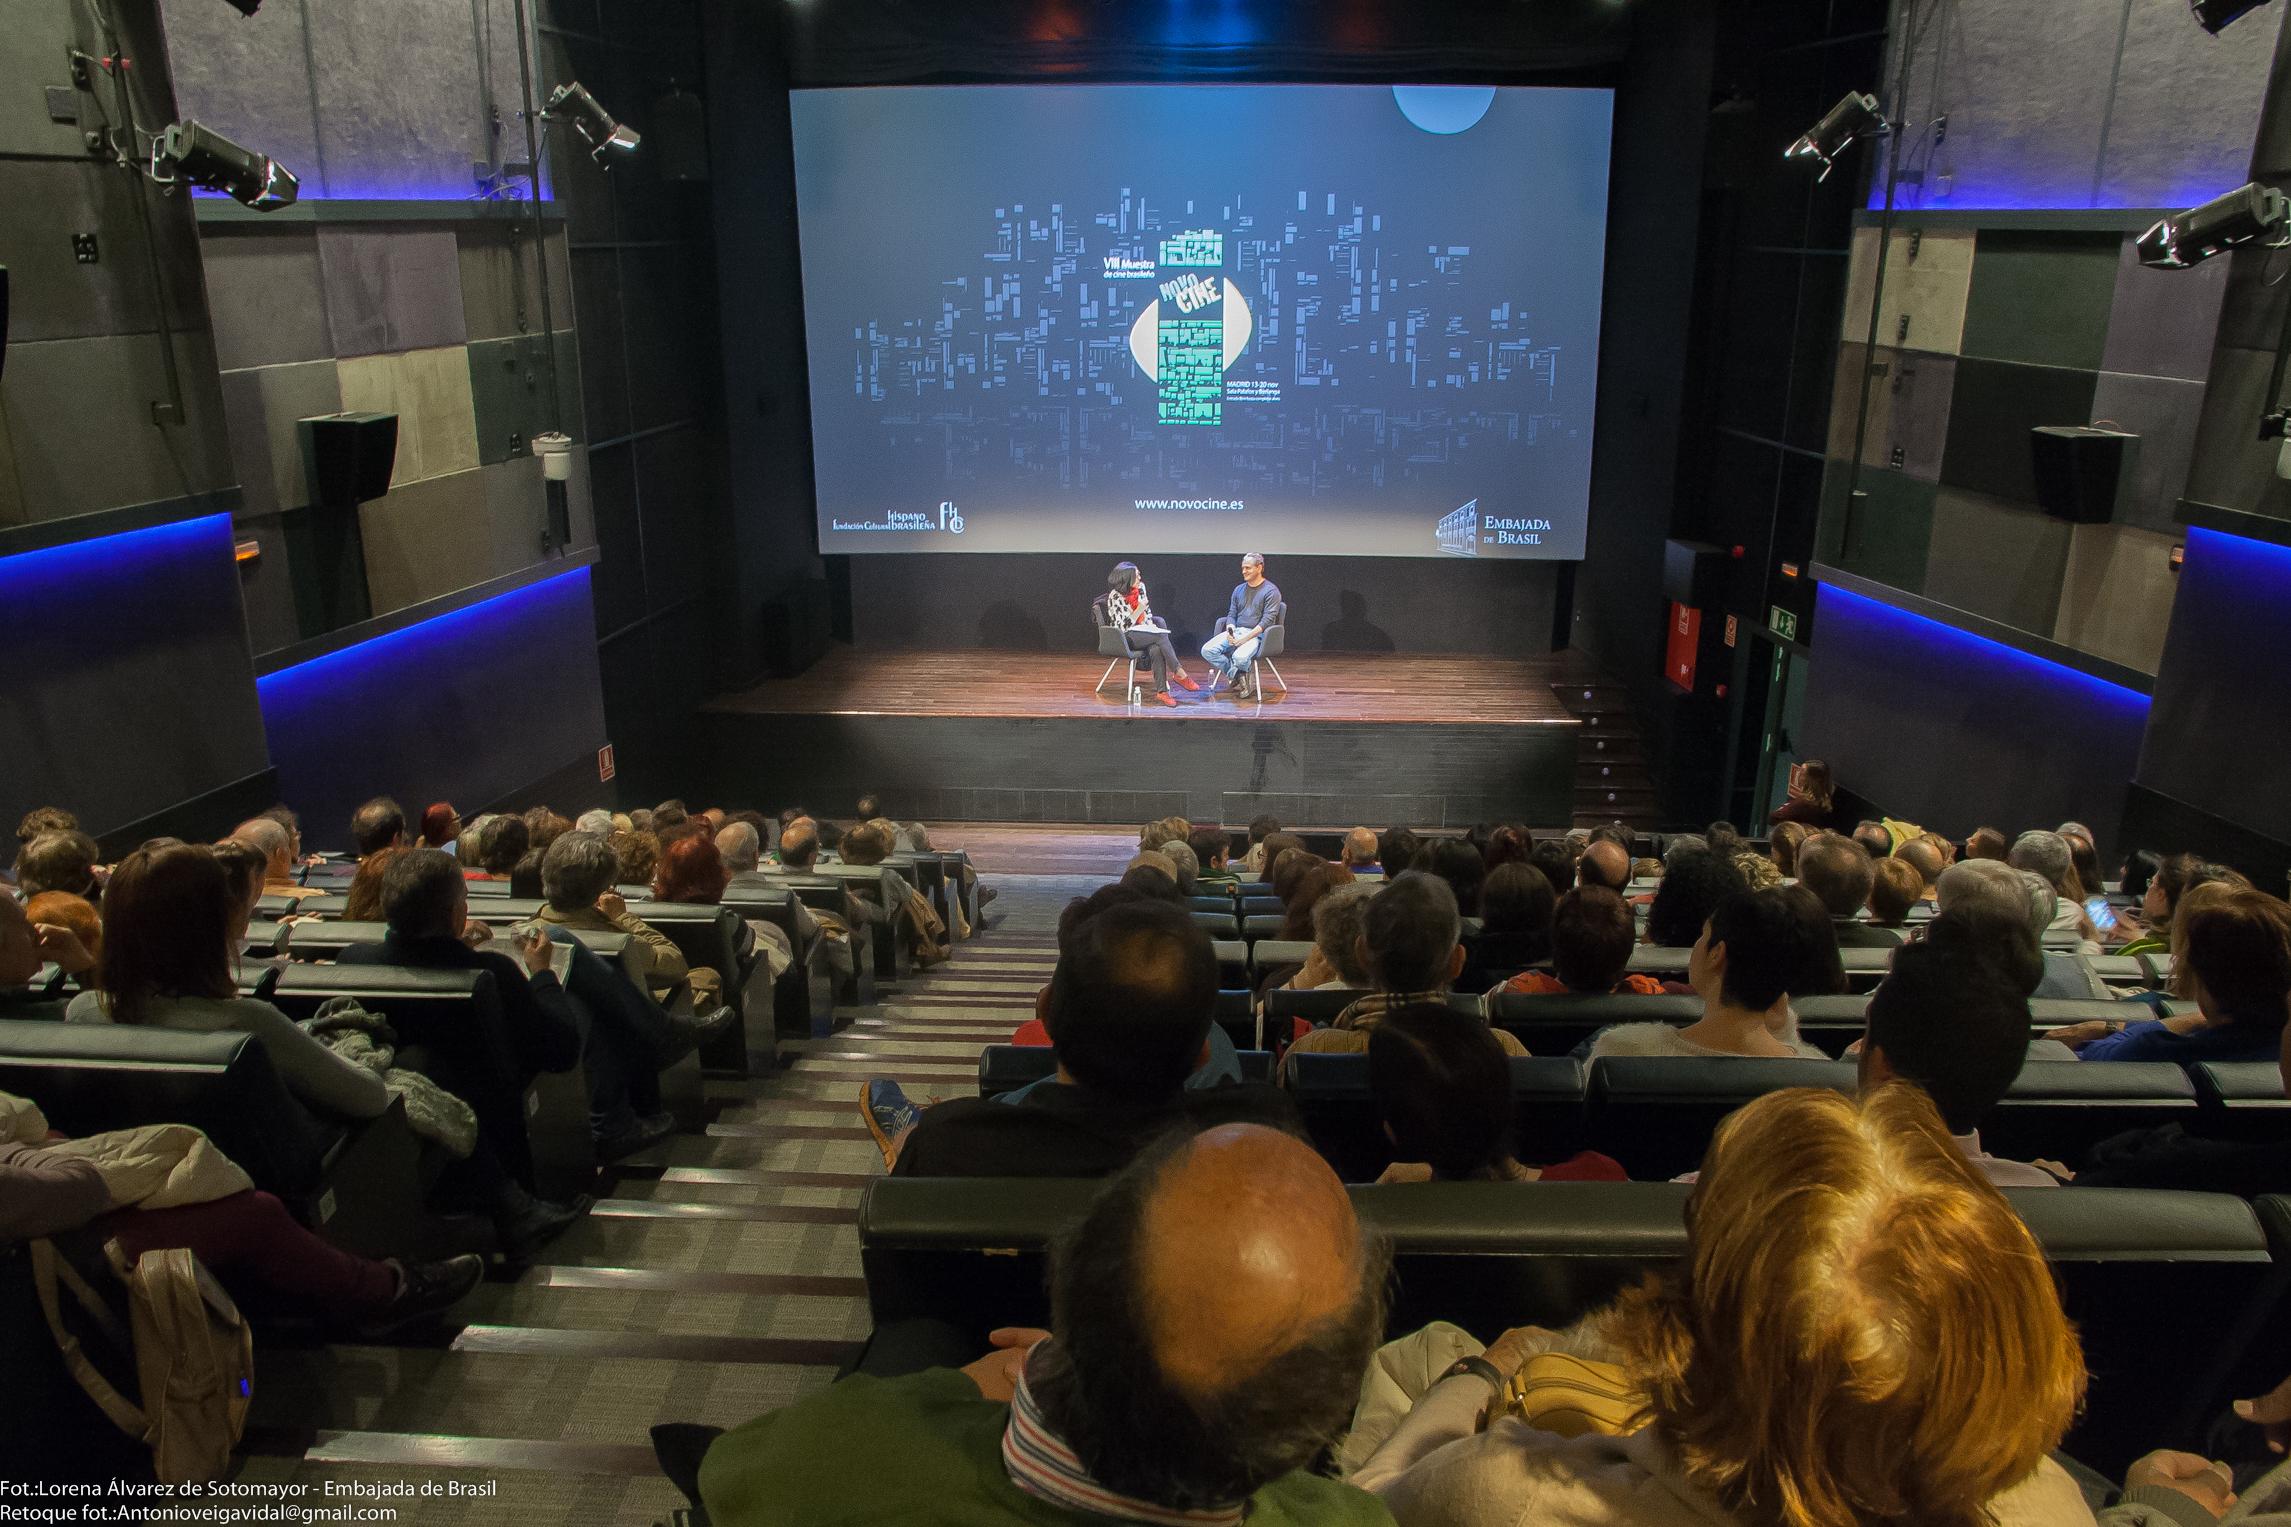 Más de 3.000 personas asisten a la VIII edición de Novocine en Madrid